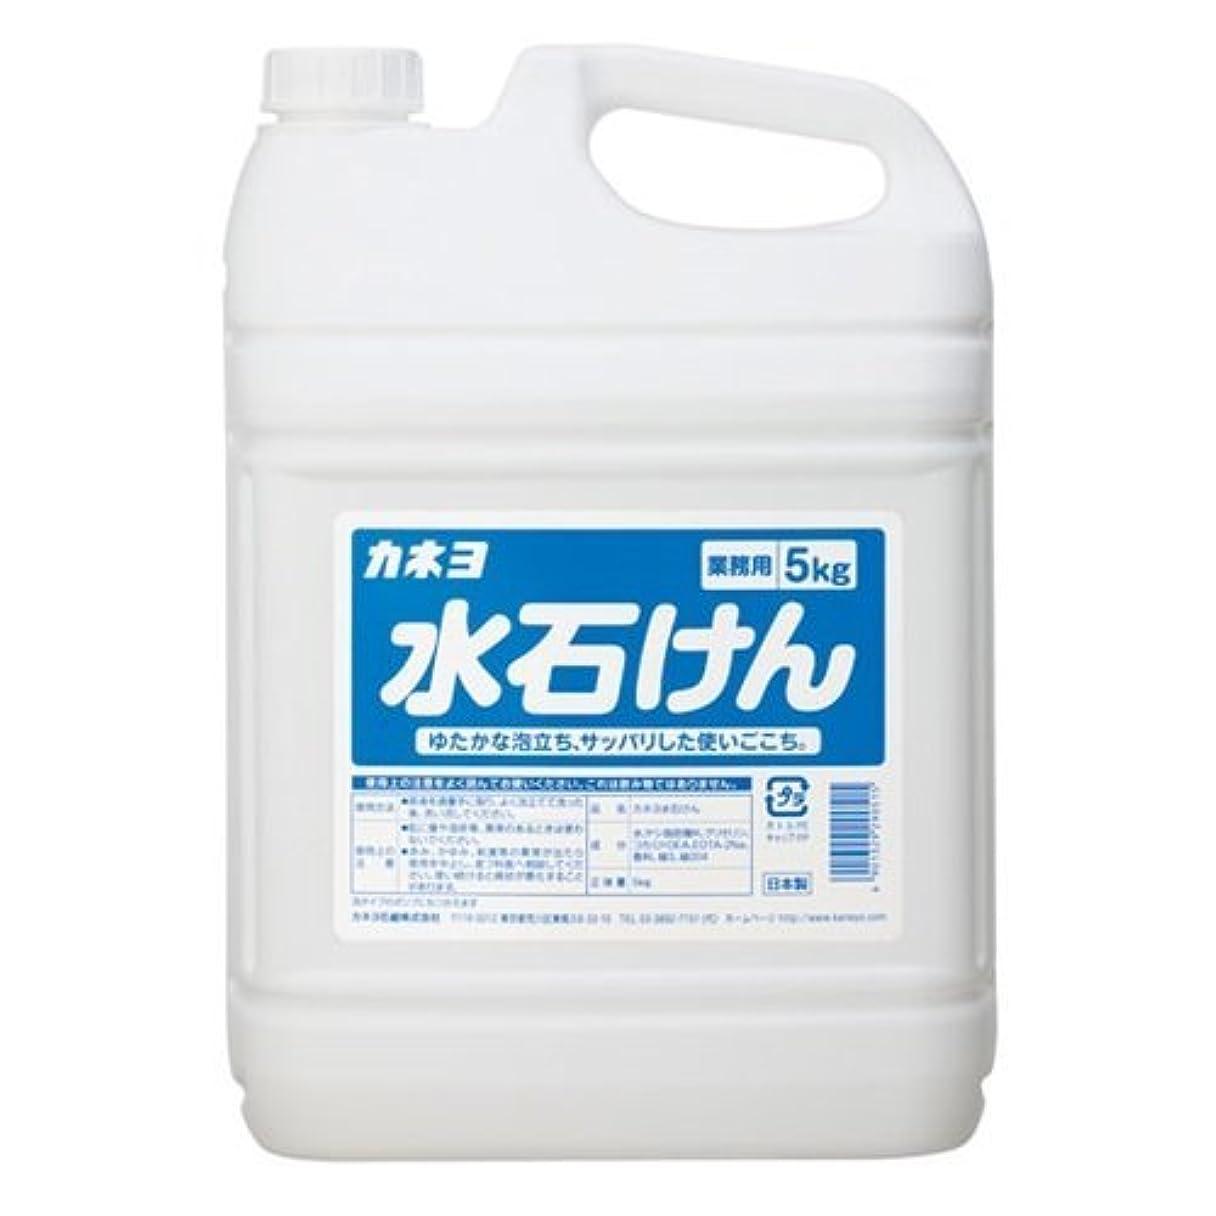 【ケース販売】業務用 カネヨ水石けん 5㎏×3本